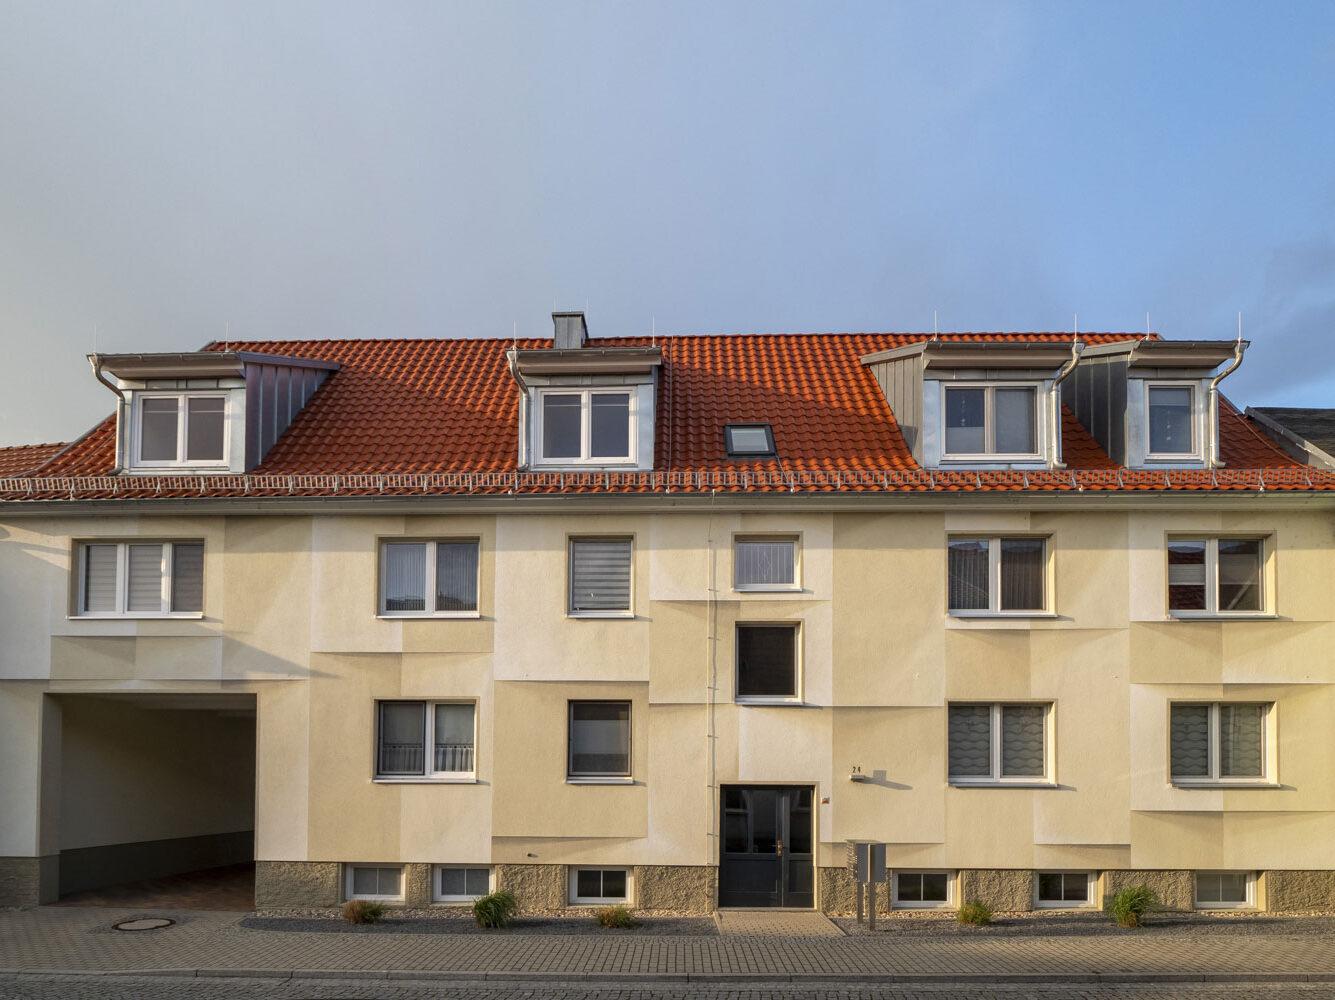 4-Raum-Wohnung in zentrumsnaher Lage